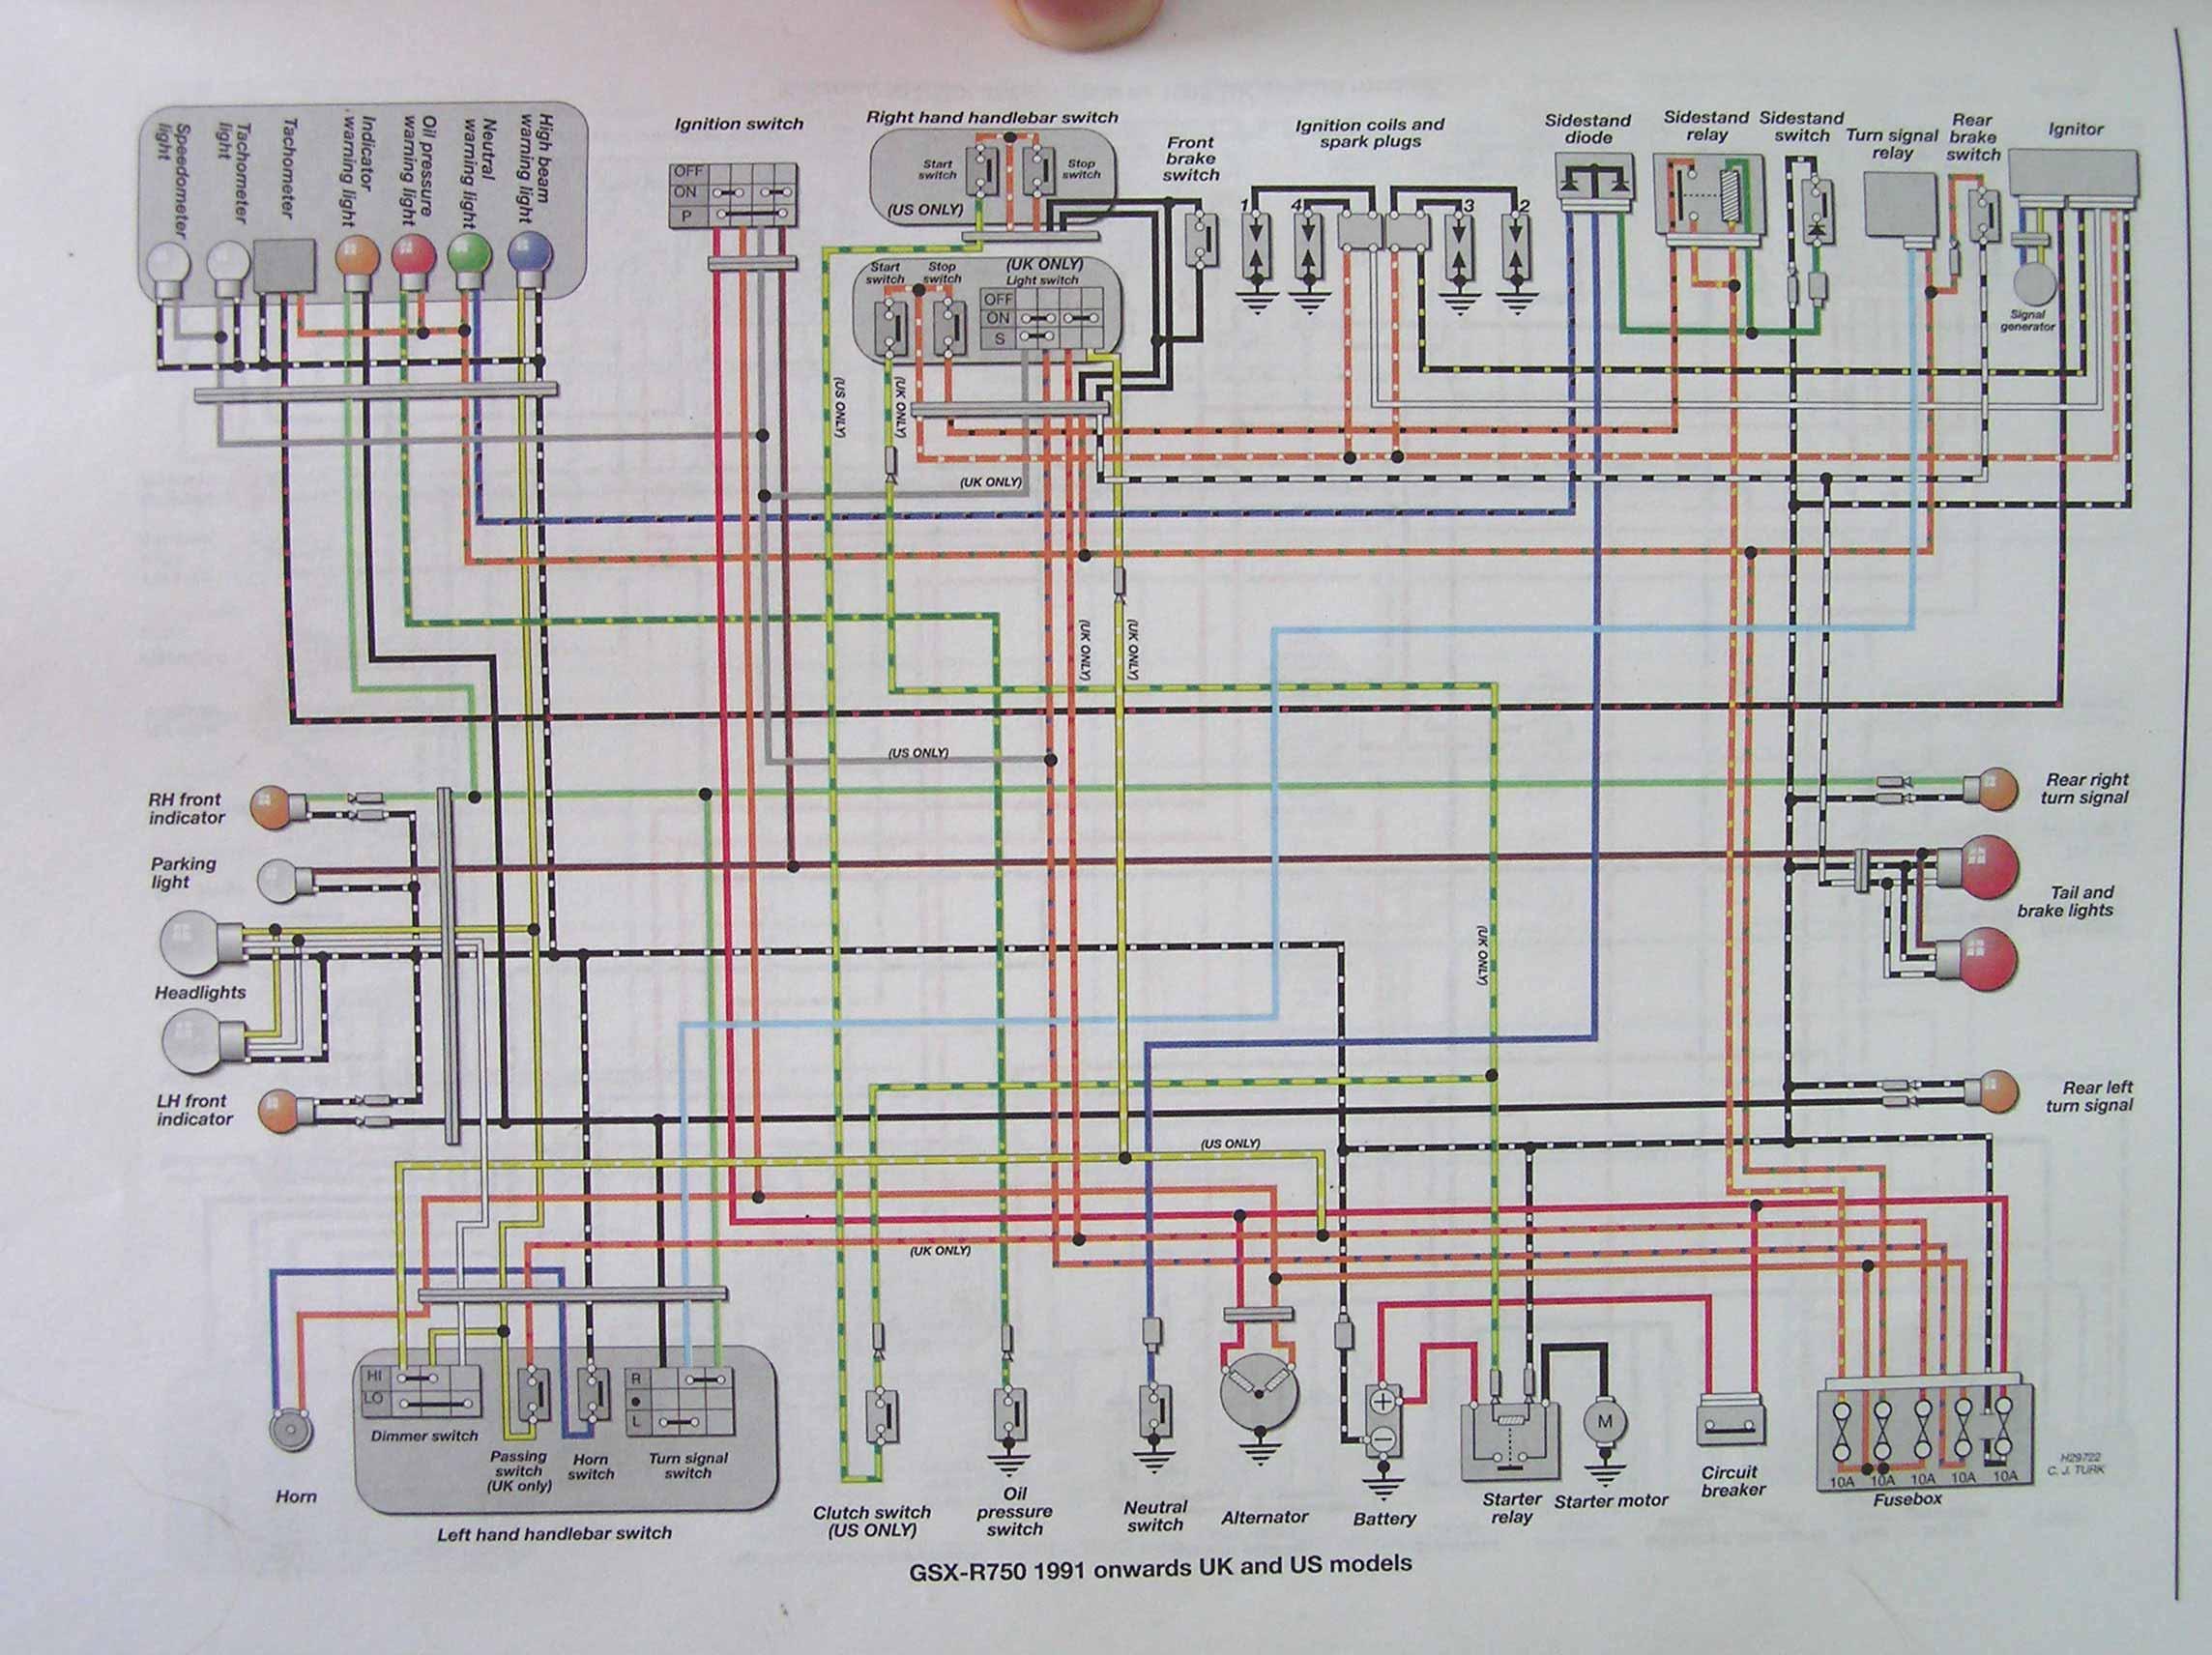 2010 Suzuki Gsxr 1000 Wiring Diagram - Wiring Diagram